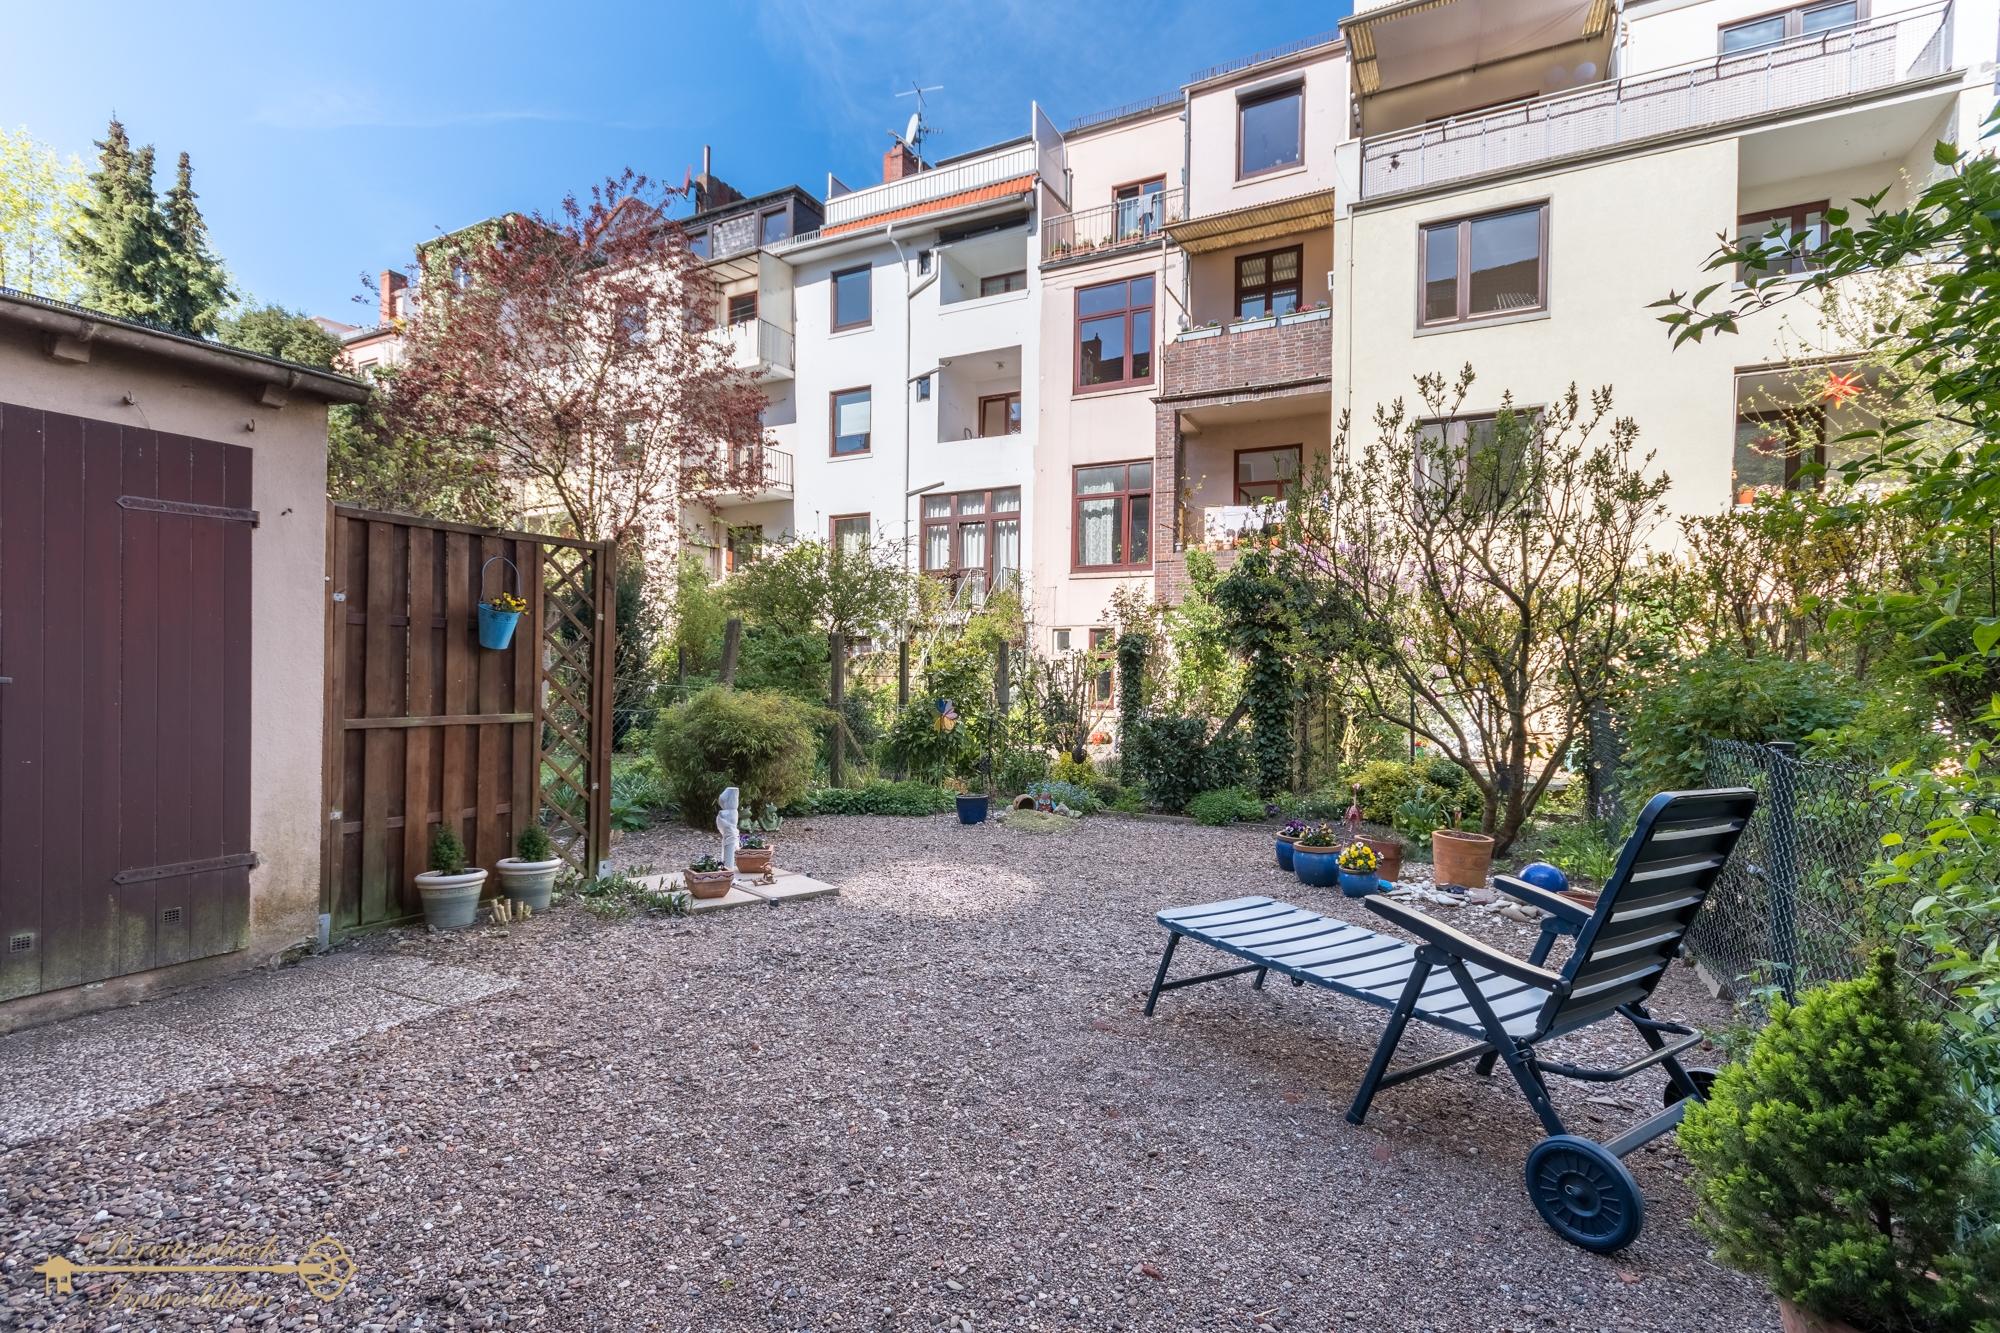 2020-04-18-Breitenbach-Immobilien-26